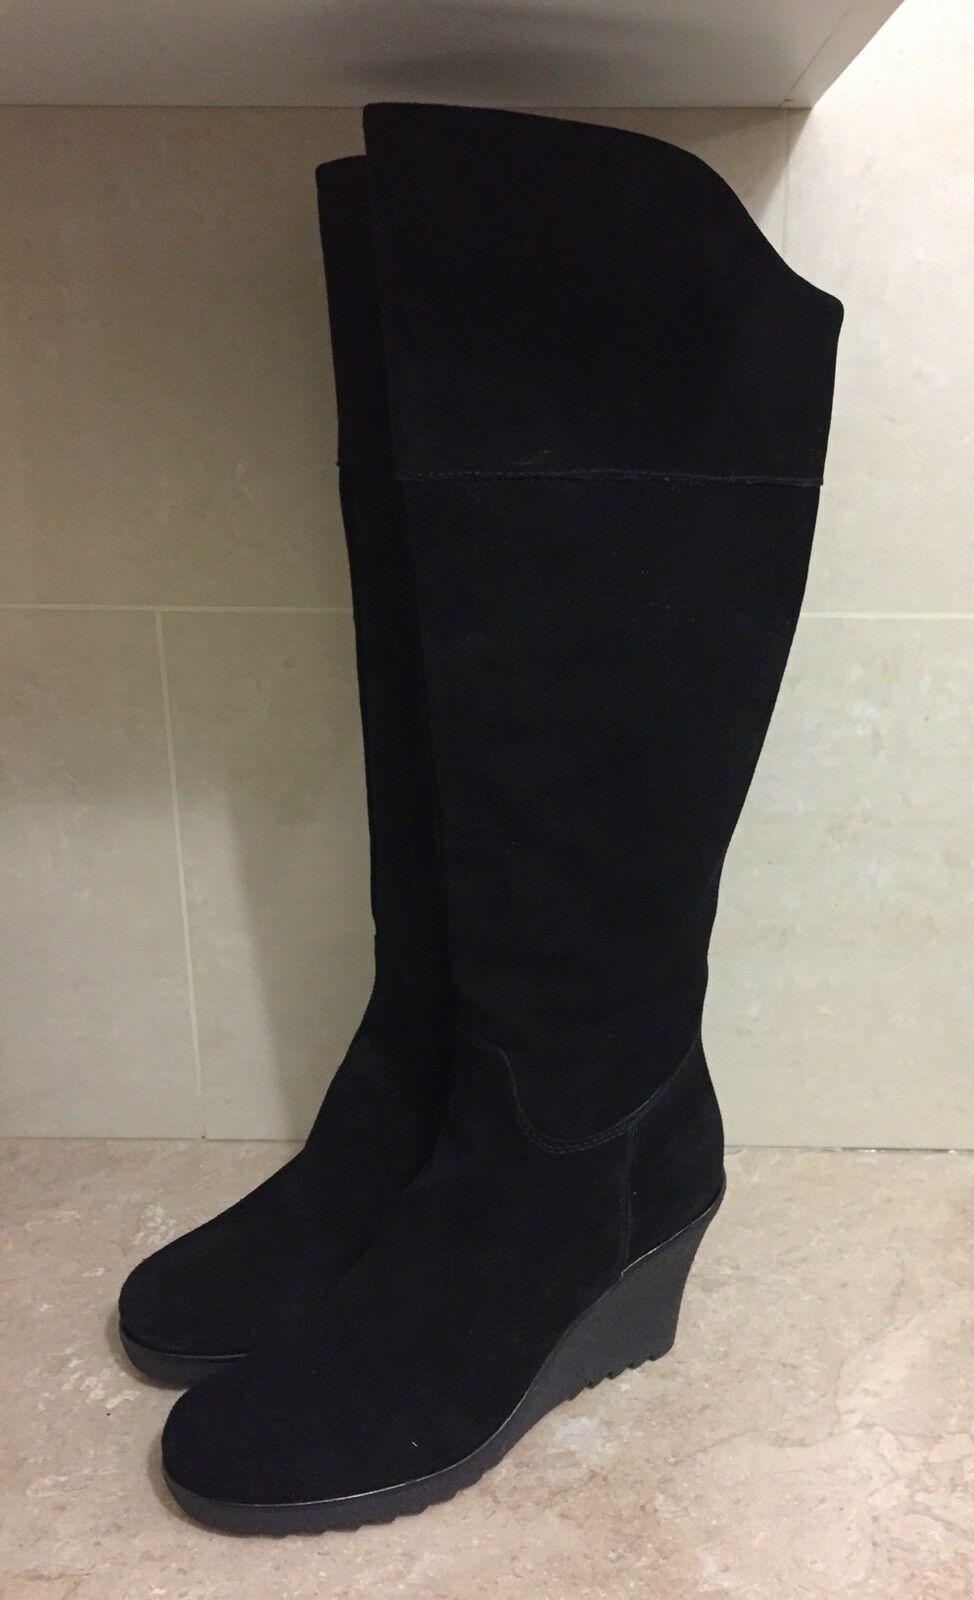 Linea Weekend Rodilla Cuña Gamuza Negra-Botas Altas Con Suela Confort-(39)